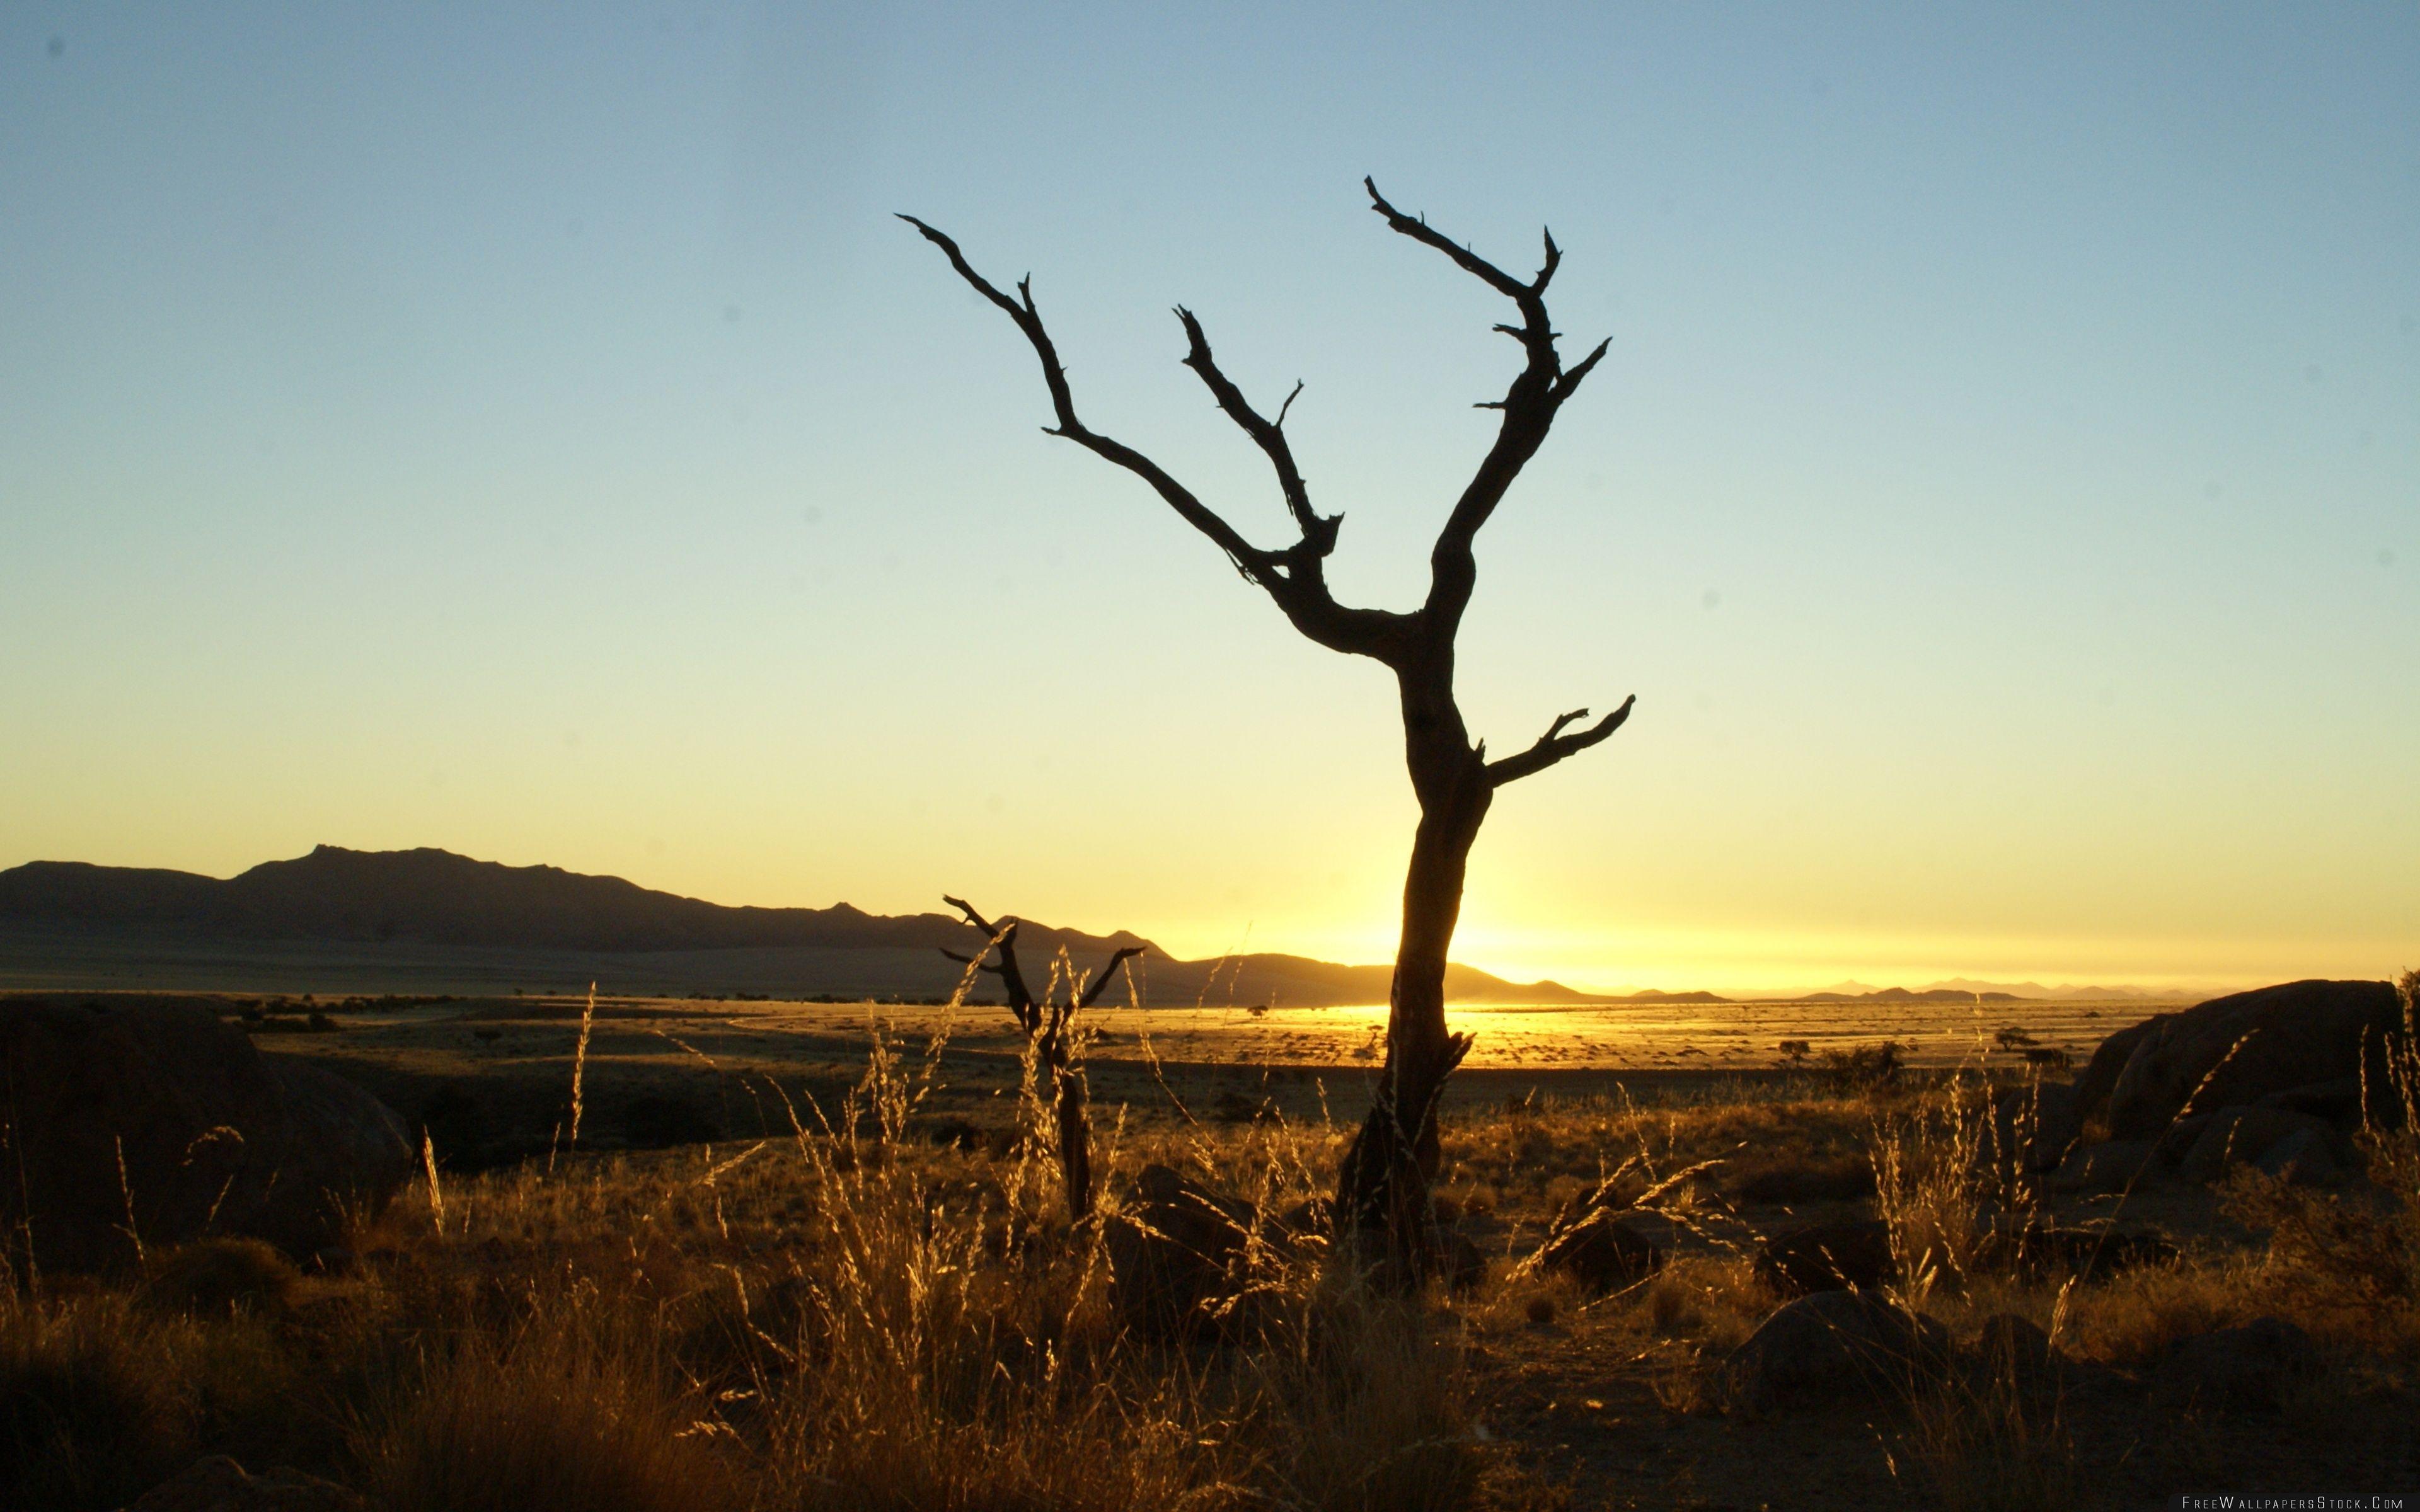 Download Free Wallpaper Sunset Namib Desert